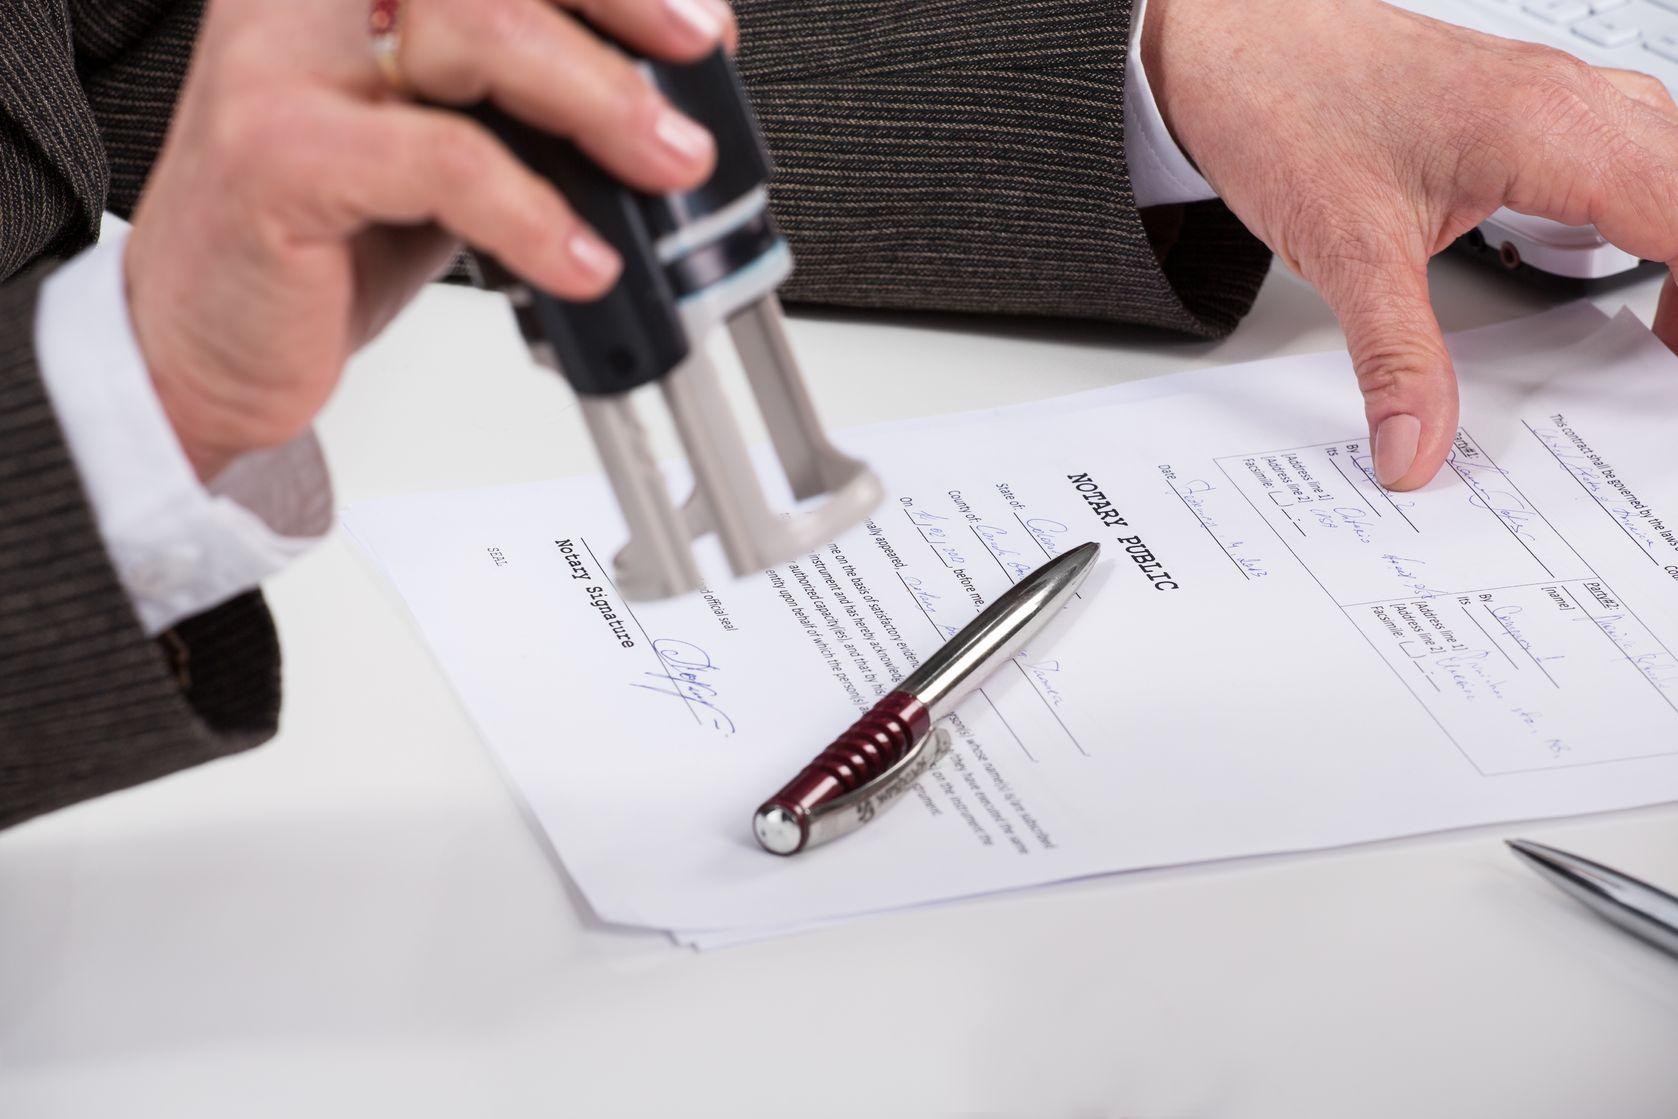 Данъчно задължени лица, Данъчно задължени лица по ЗМДТ, данъчно задължено лице, по ЗДДС, Определяне на данъчно задължени лица, чл.14 ДОПК, внасяне на данък НАП, данъчно облагане на задължени лица по чл. 14 ДОПК, Облагане на задължени лица, местните юридически лица,чуждестранни юридически лица, стопанска дейност